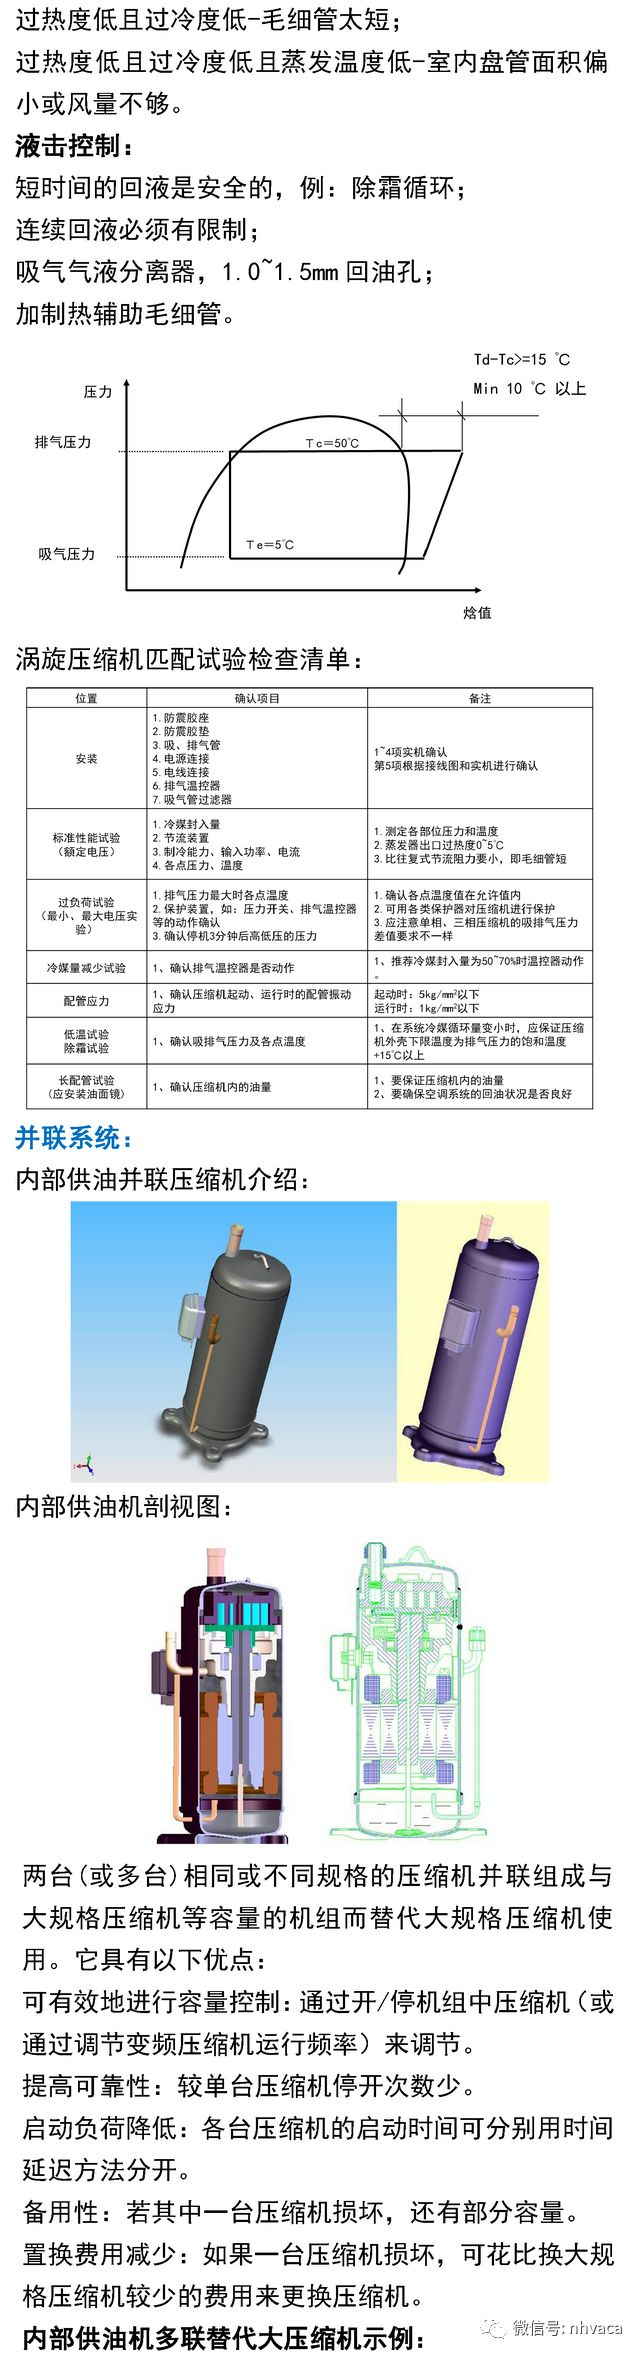 涡旋压缩机设计应用手册_4